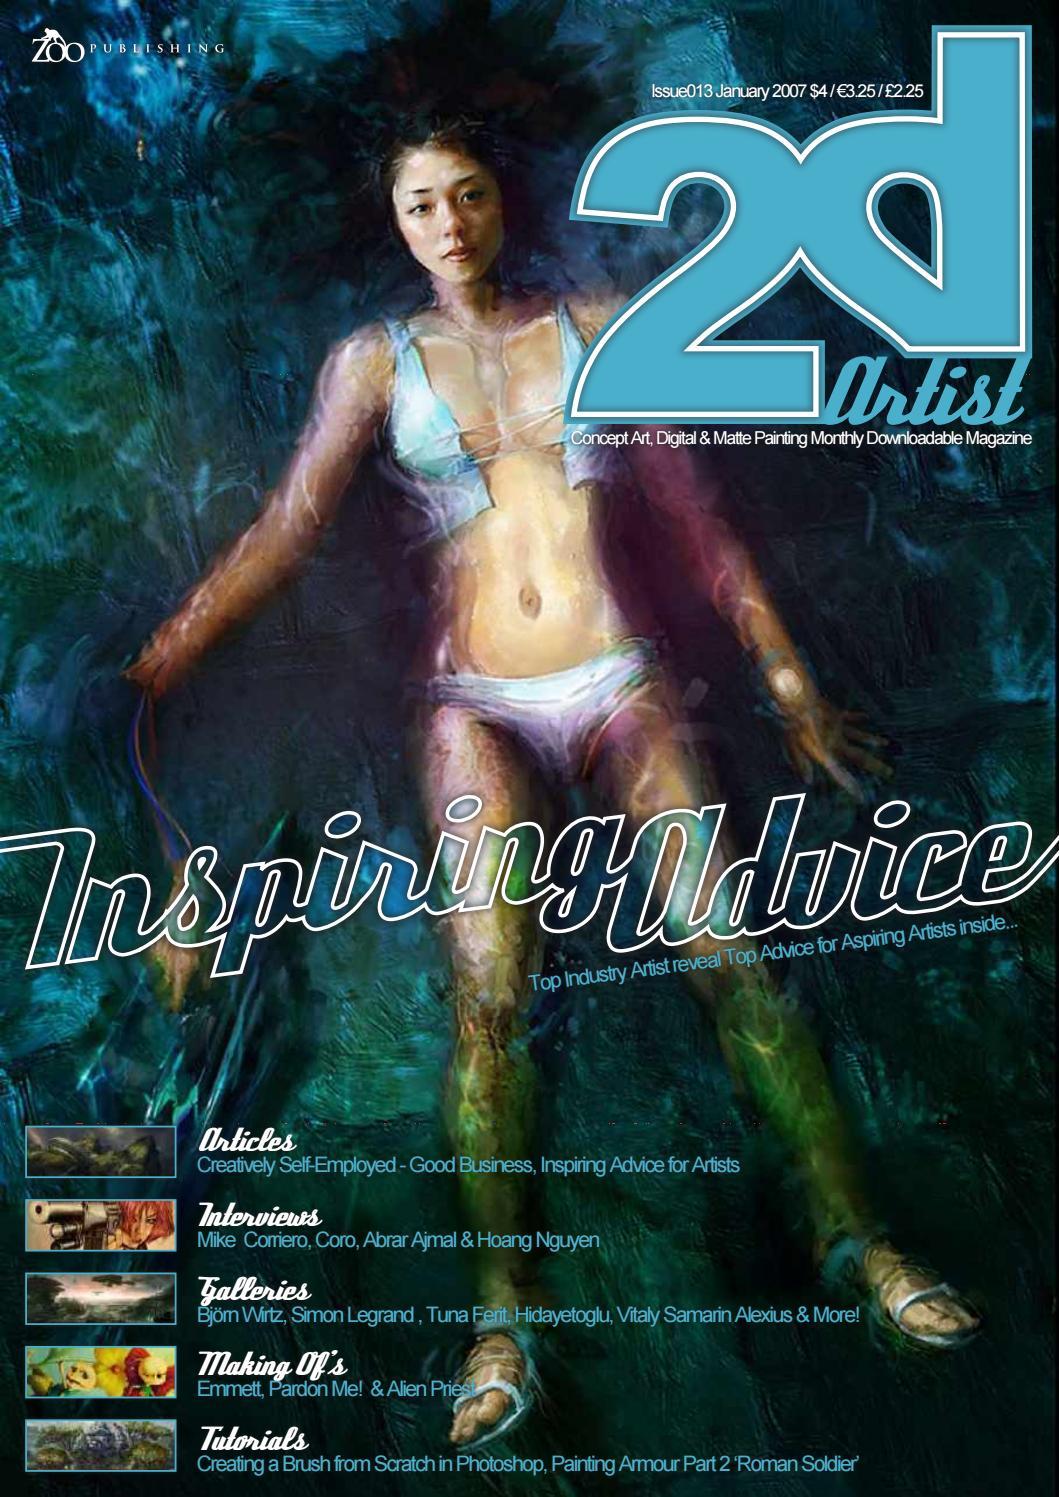 2d Artist - Jan 2007